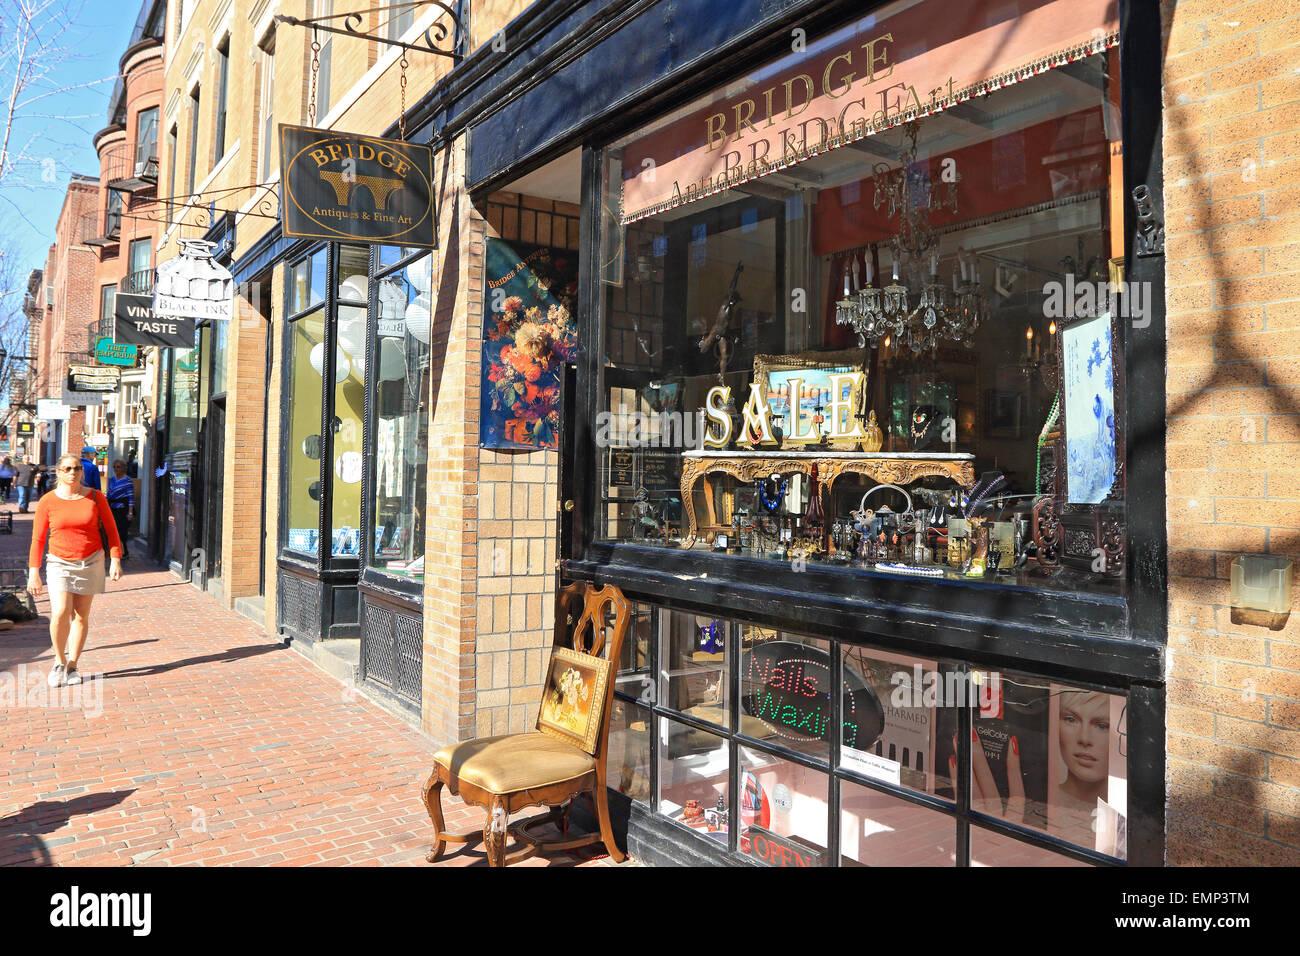 Boston Massachusetts Beacon Hill de Ladrillo con aceras peatonales pasado tienda de antigüedades negocios. Imagen De Stock